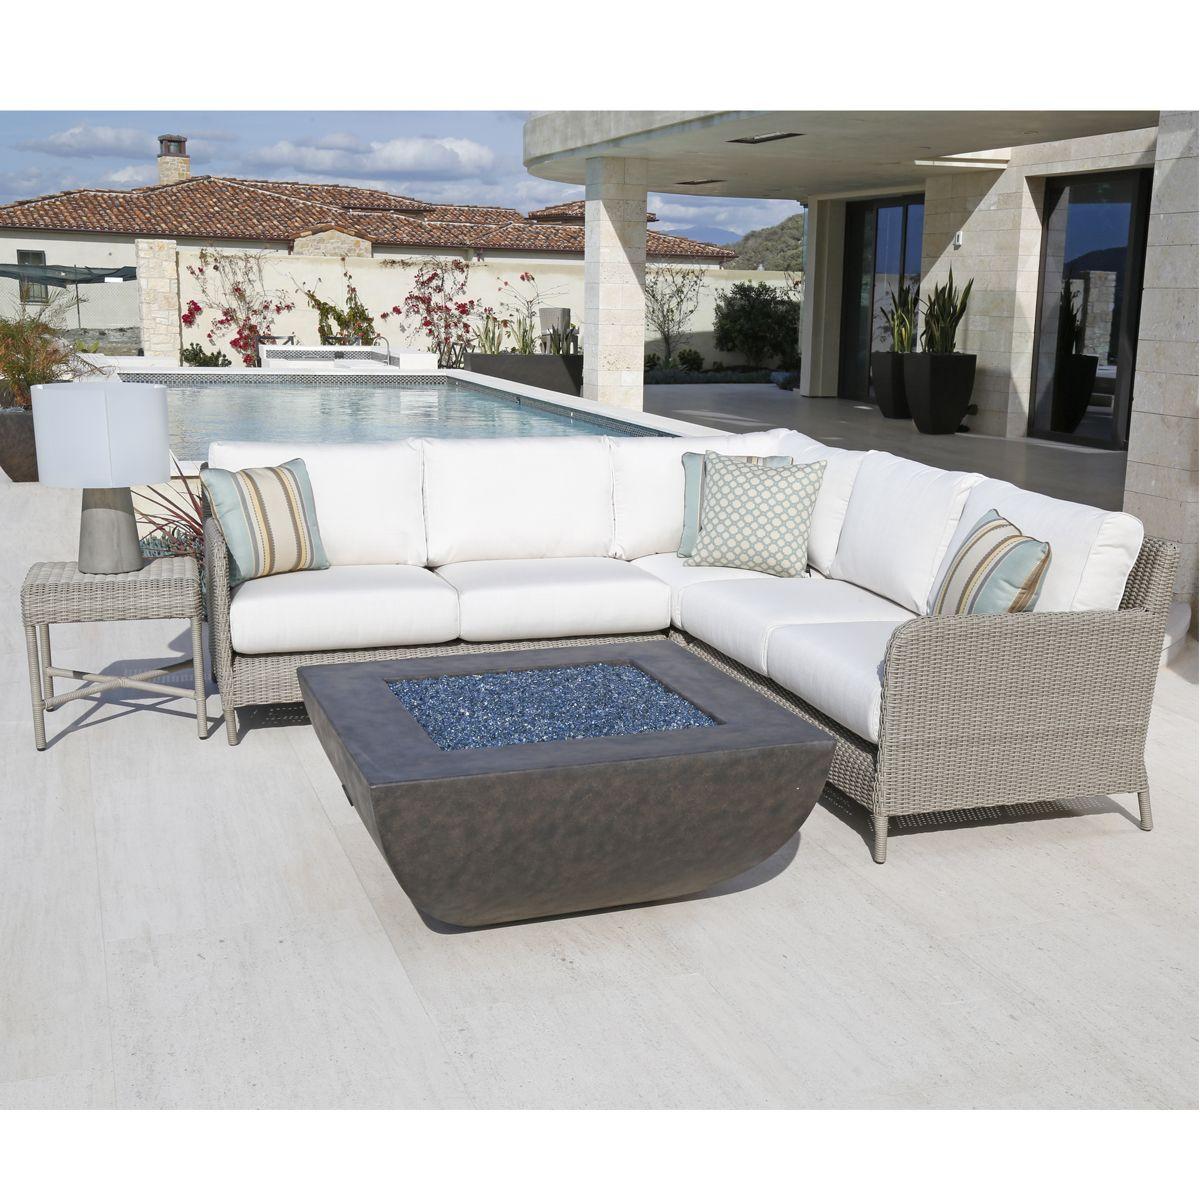 Melrose Sectional Set | Thos. Baker. Pool FurnitureOutdoor ...